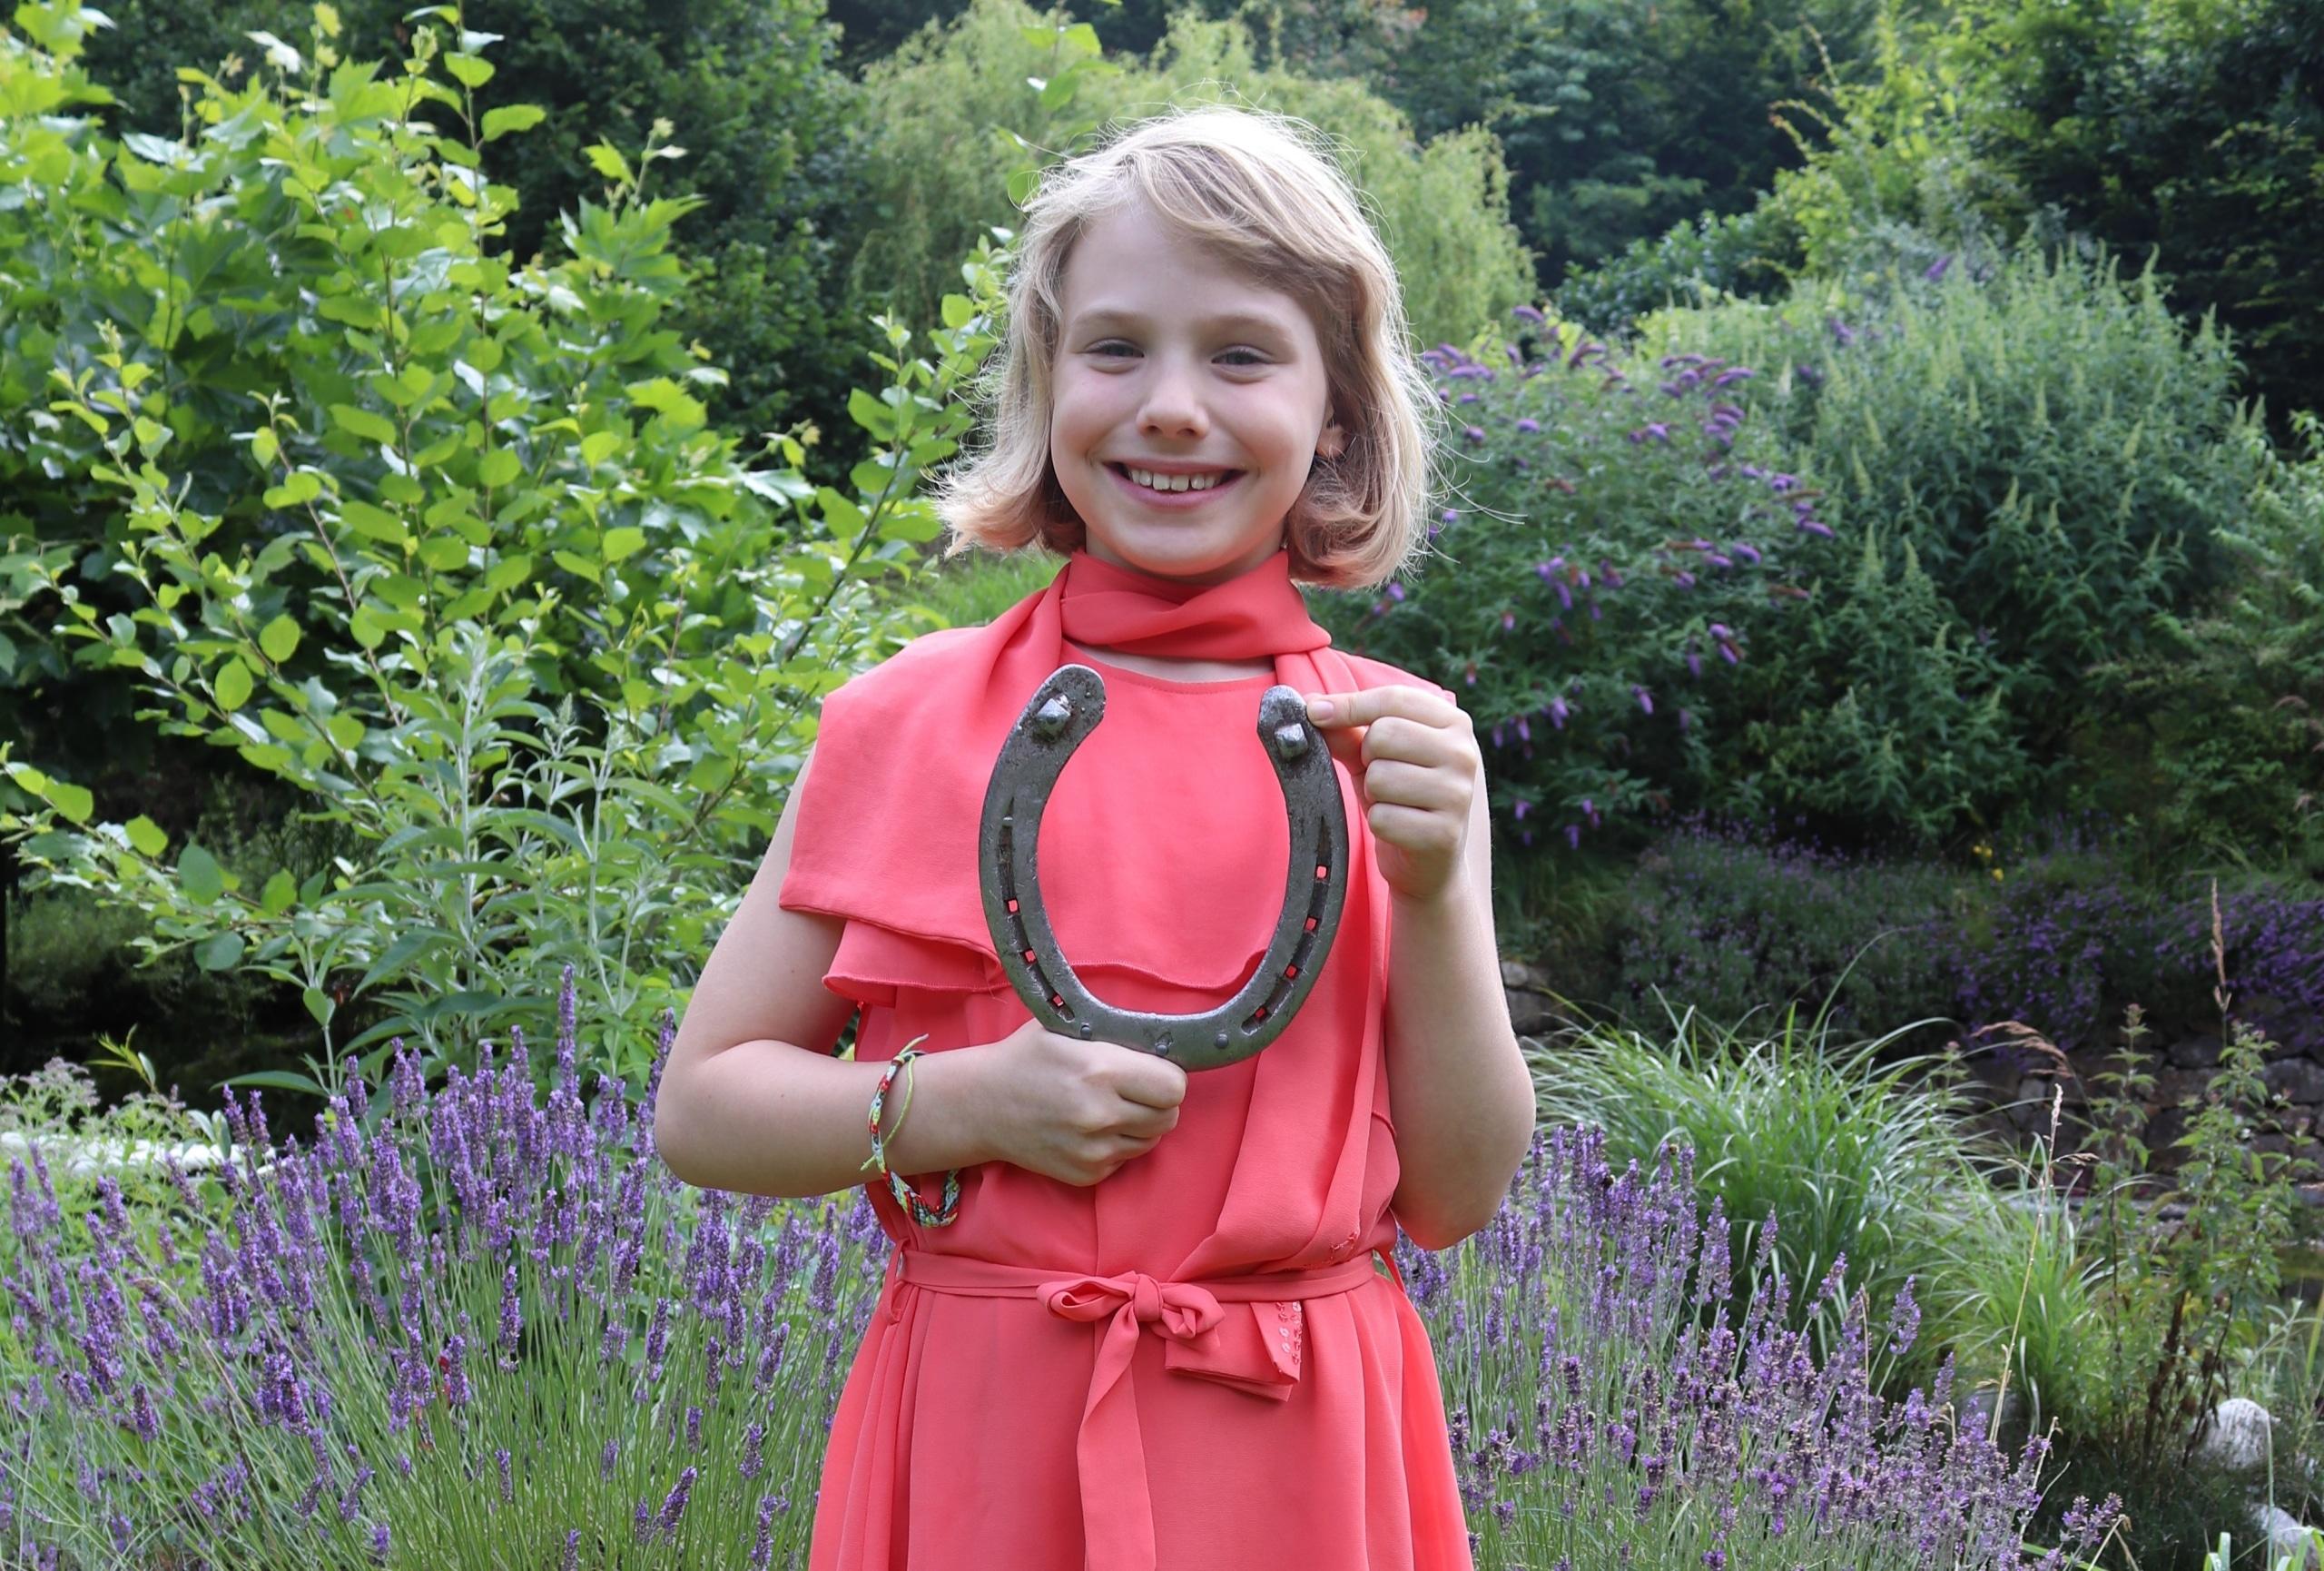 Sophie Ollinger ist eine begeisterte junge Botschafterin der Kultur im Pferdesport. © Dr. Thomas Ollinger